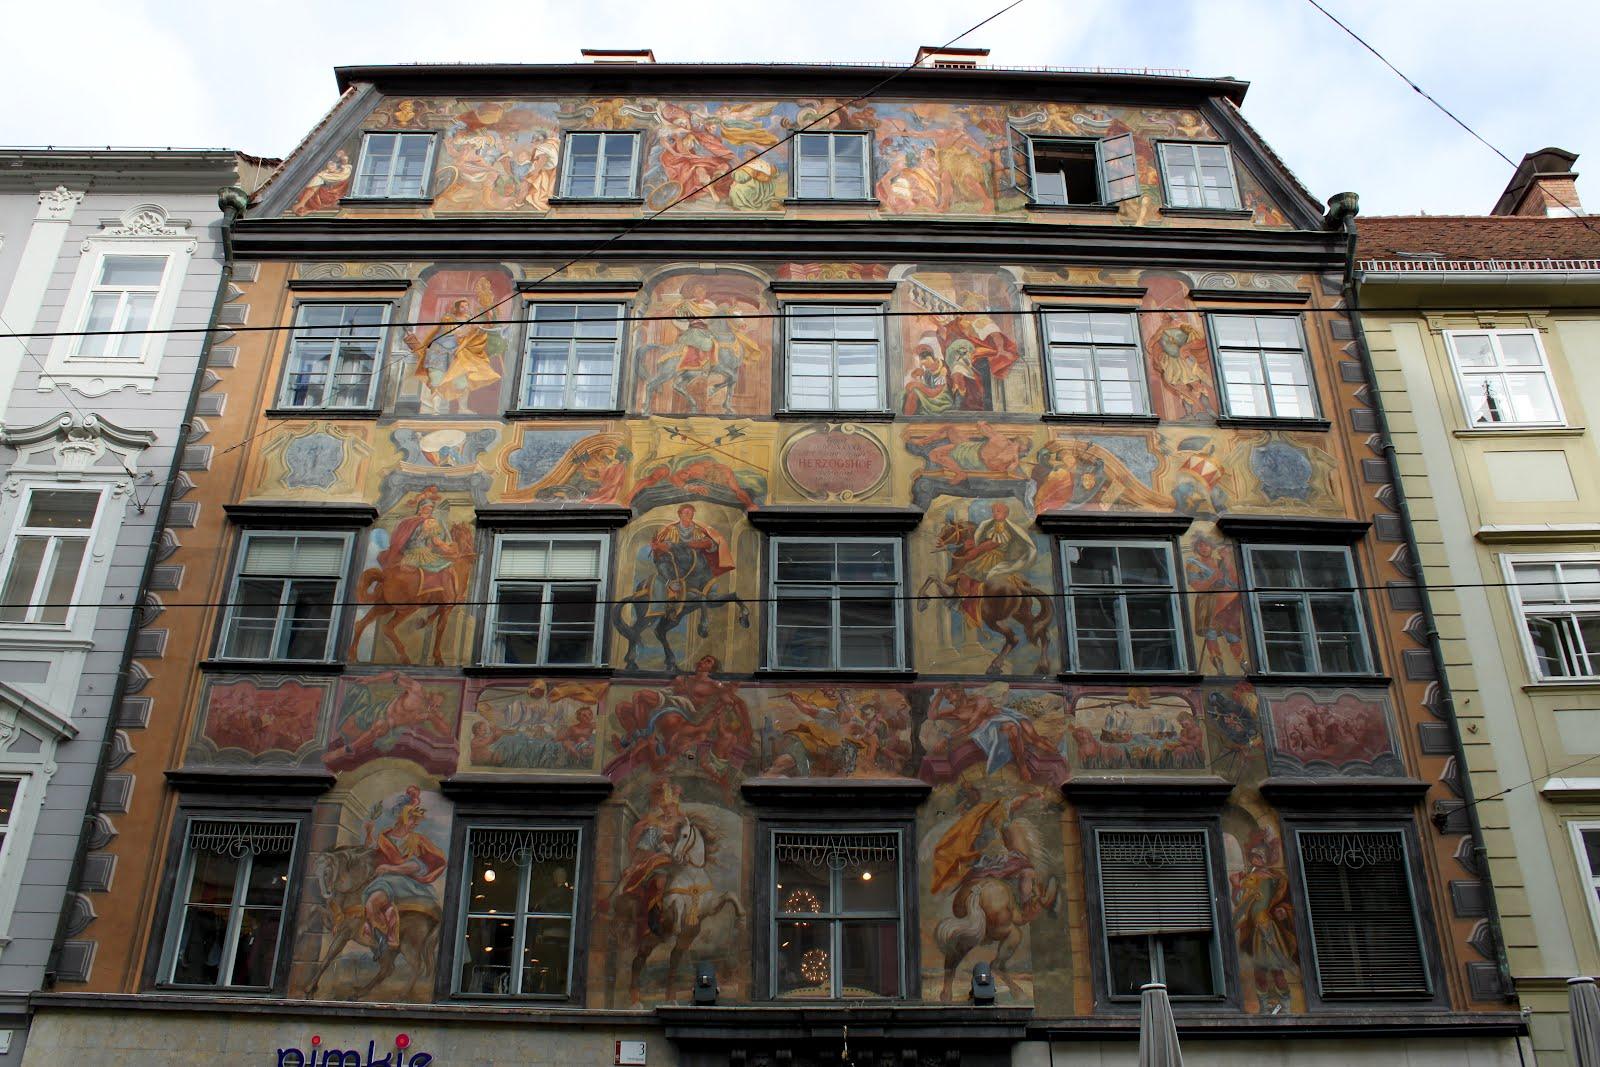 régi épület egy lakást graz)